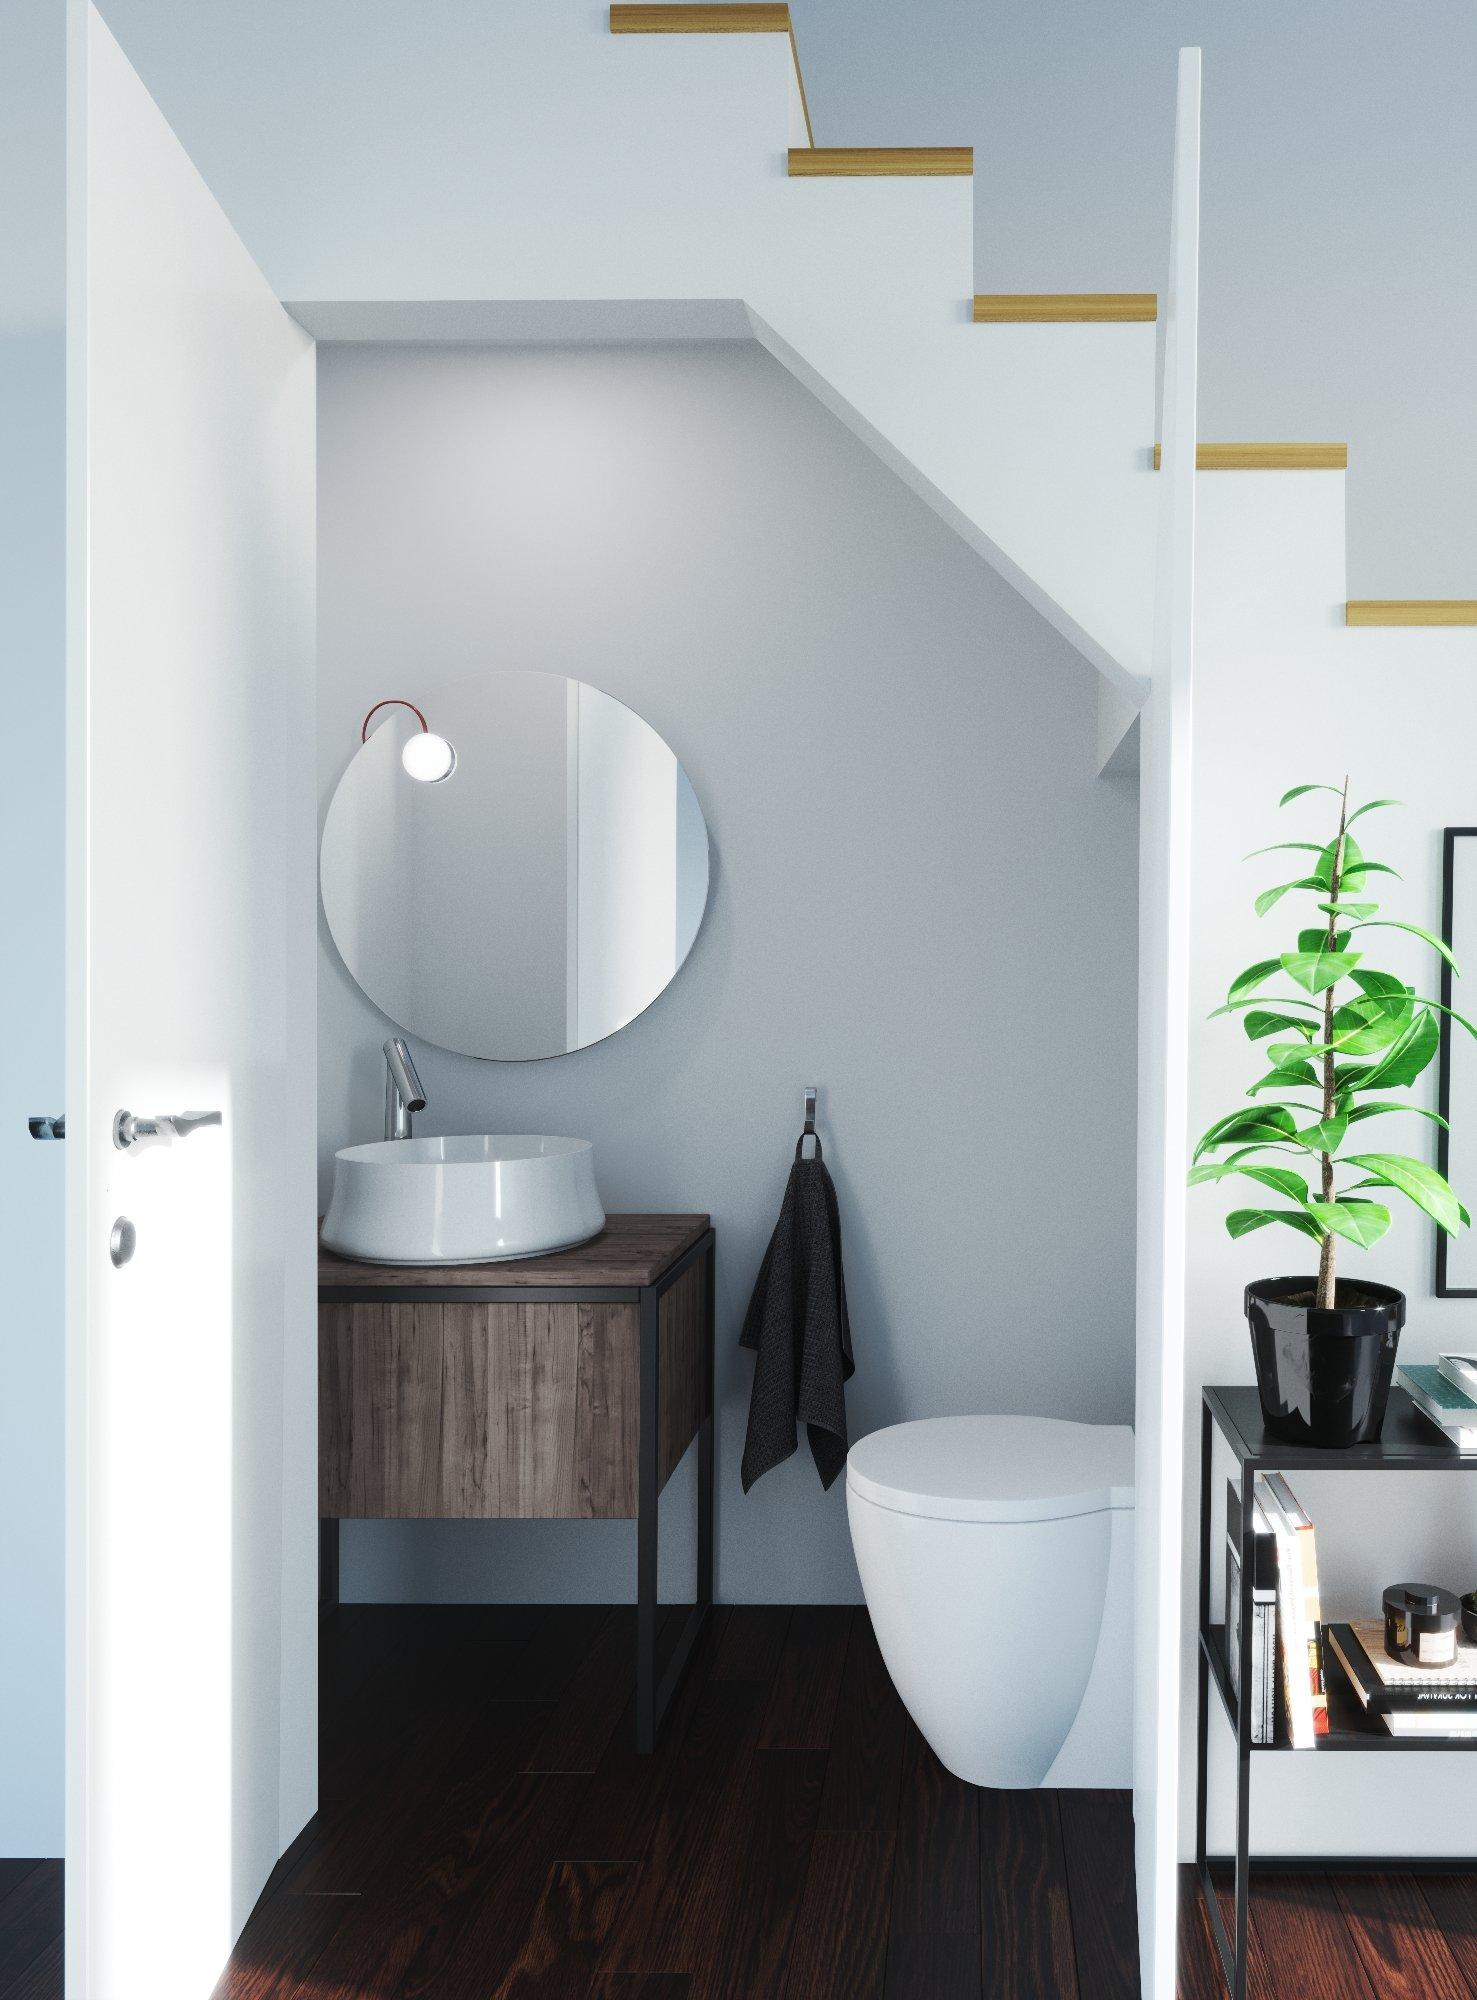 Les Wc Sous L Escalier Inspiration Style Scandinave